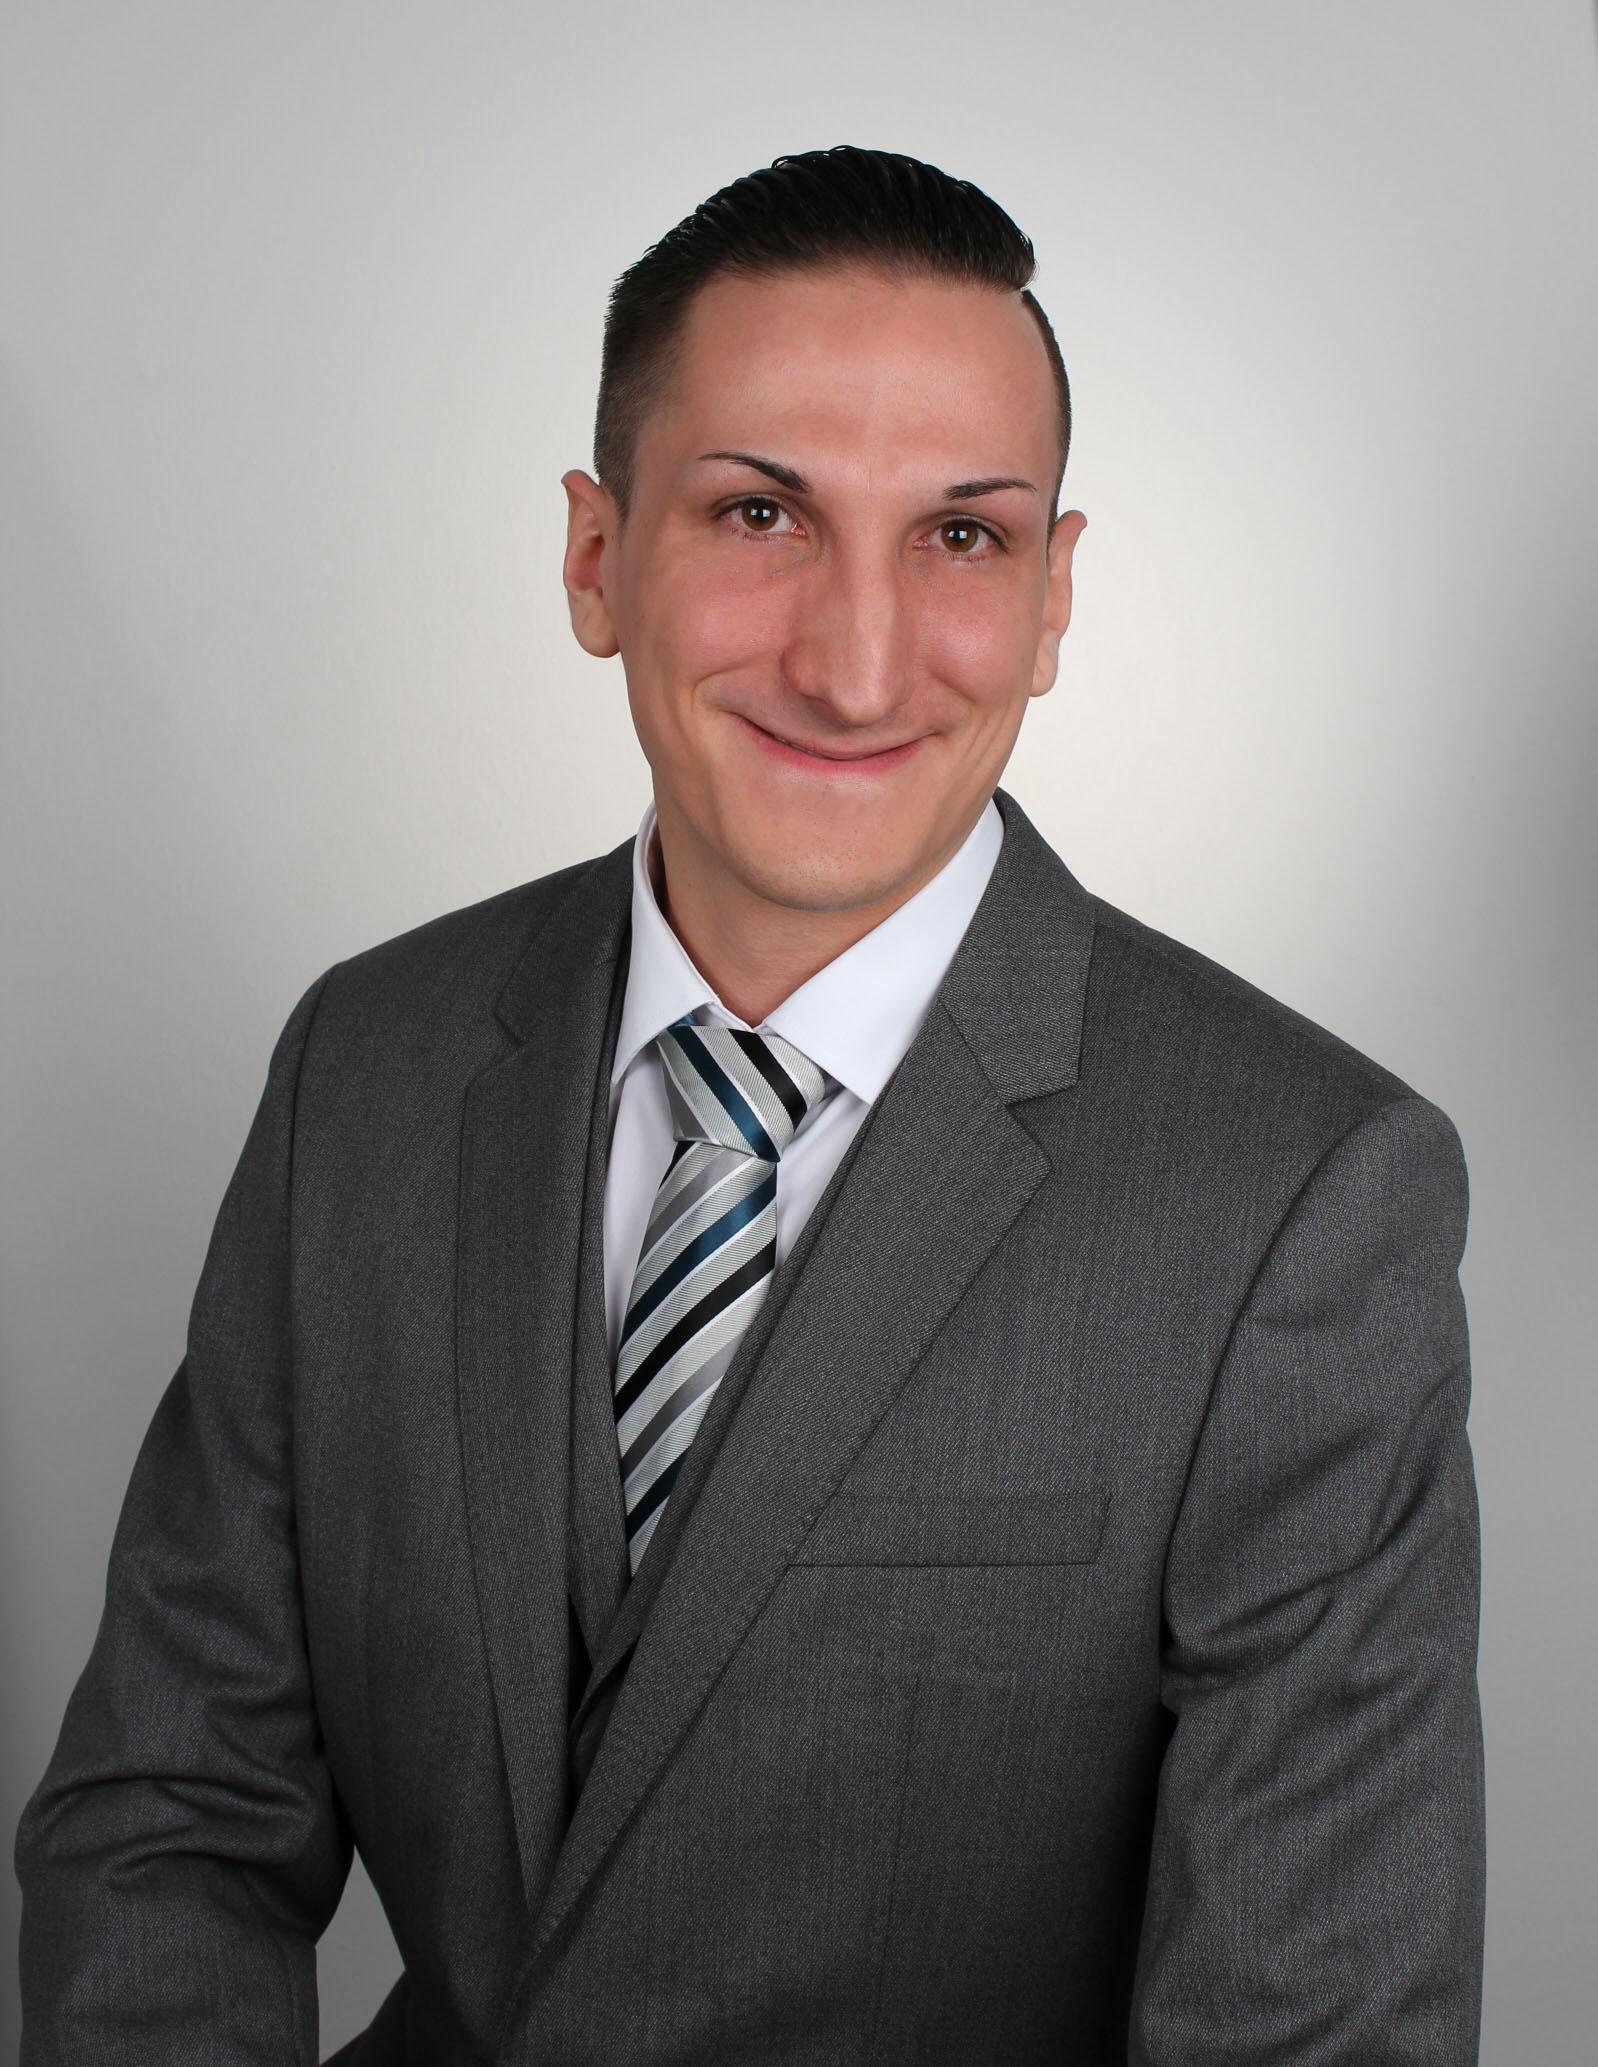 Michael Bobak